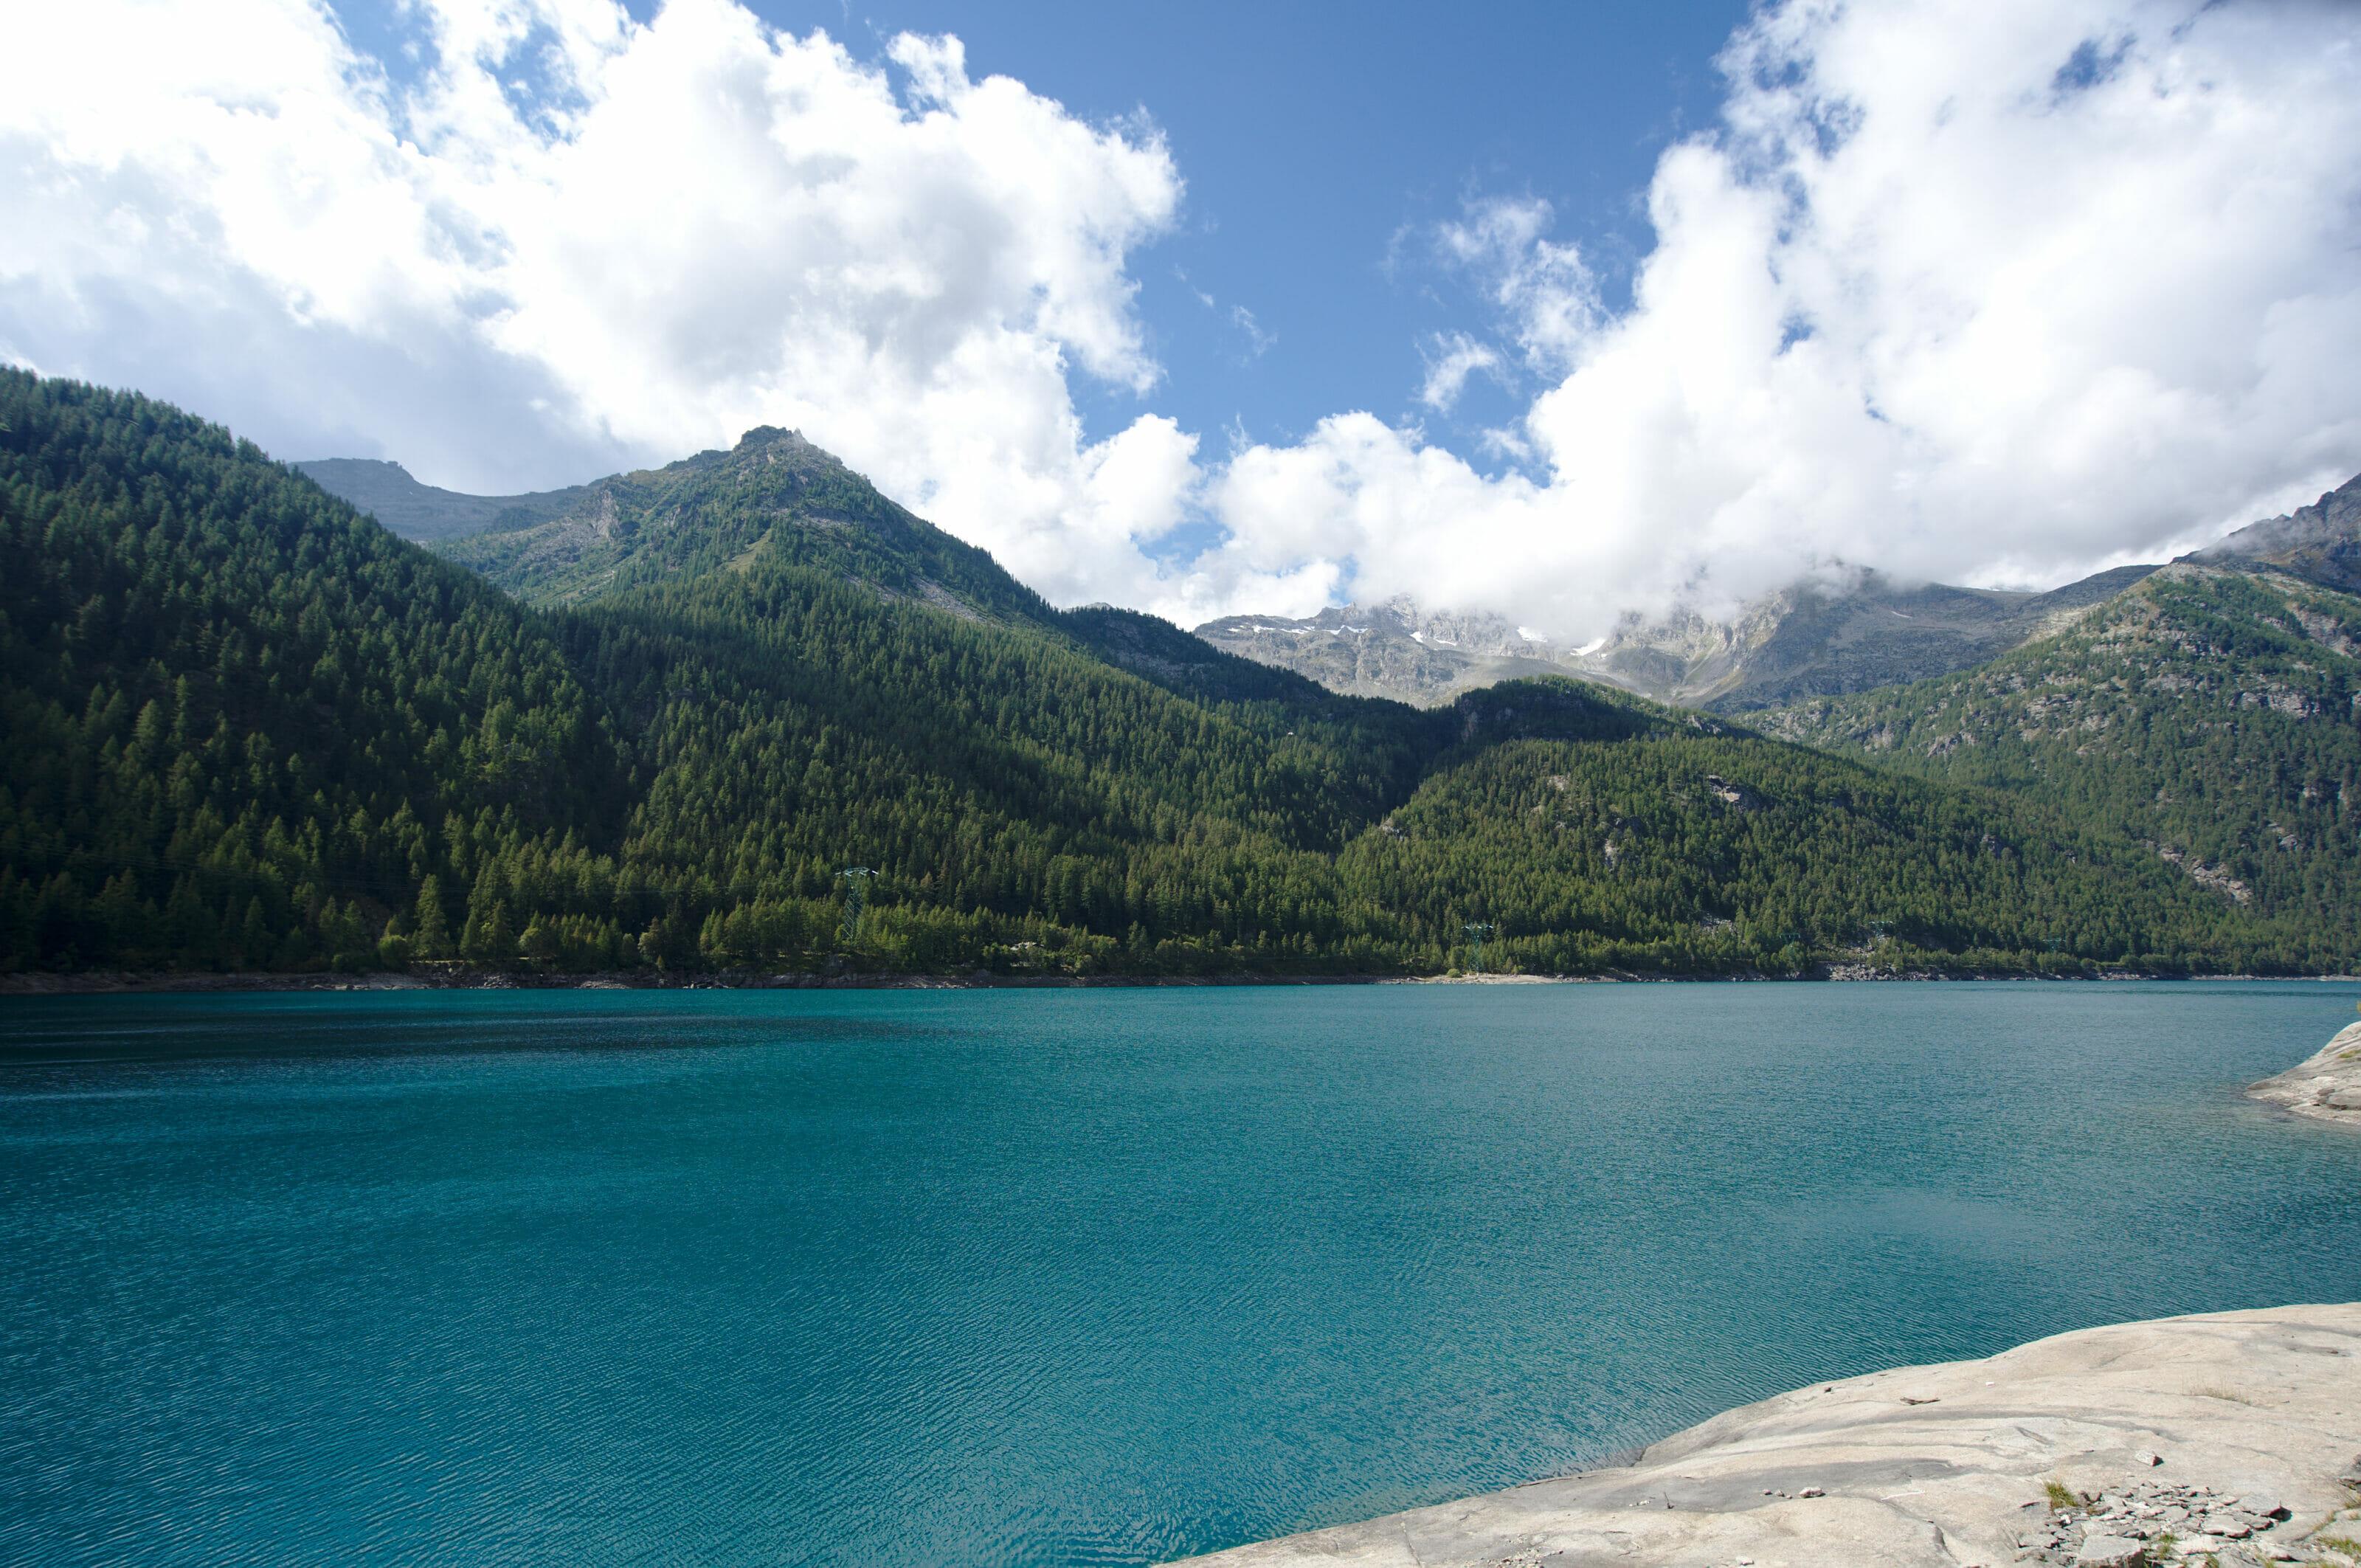 lac ceresole